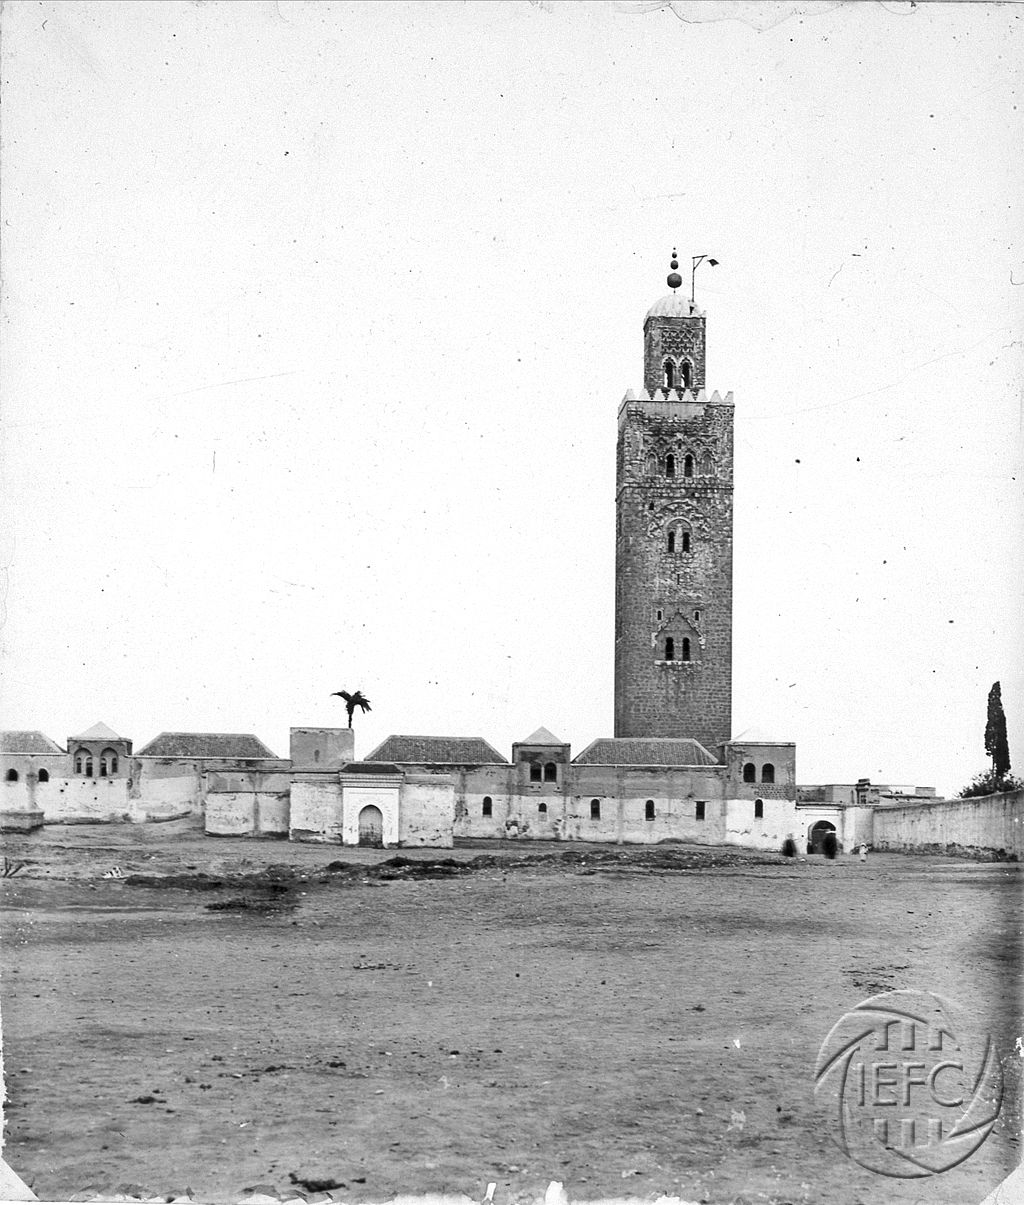 Antonio Cavilla Photographer: Vista parcial de la de la Kutubia, Marrakesh.